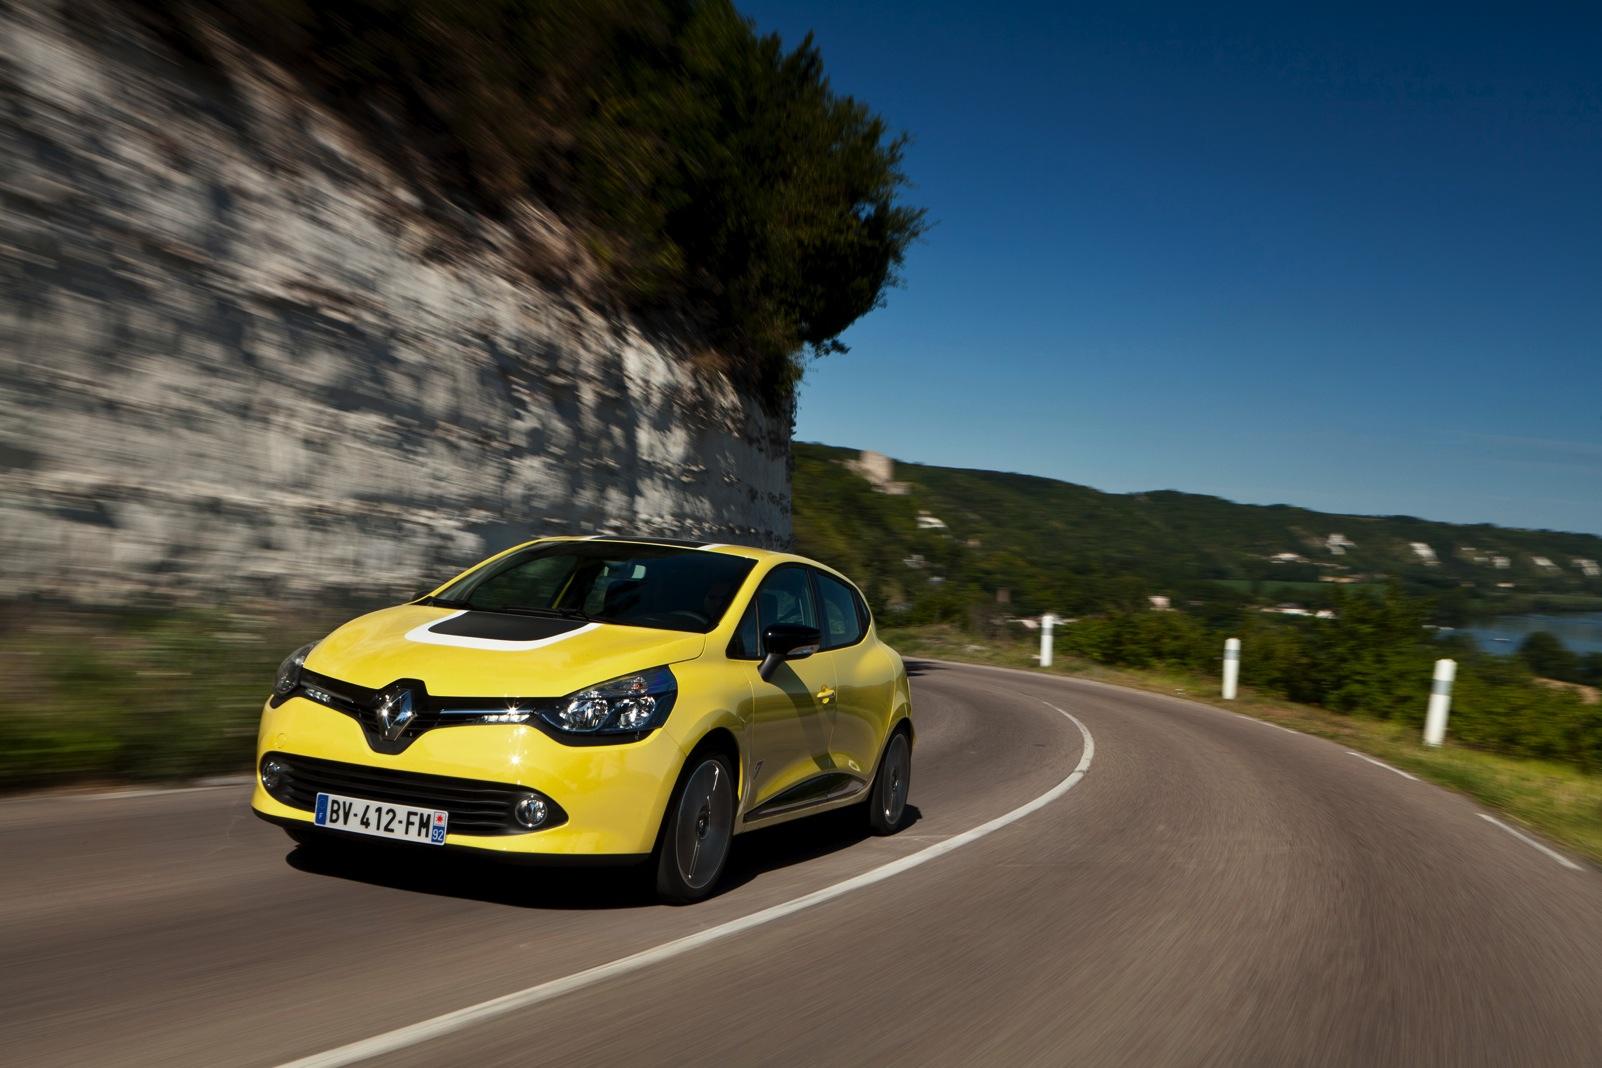 Renault Clio: Ergebnis der Schönheitschirurgie